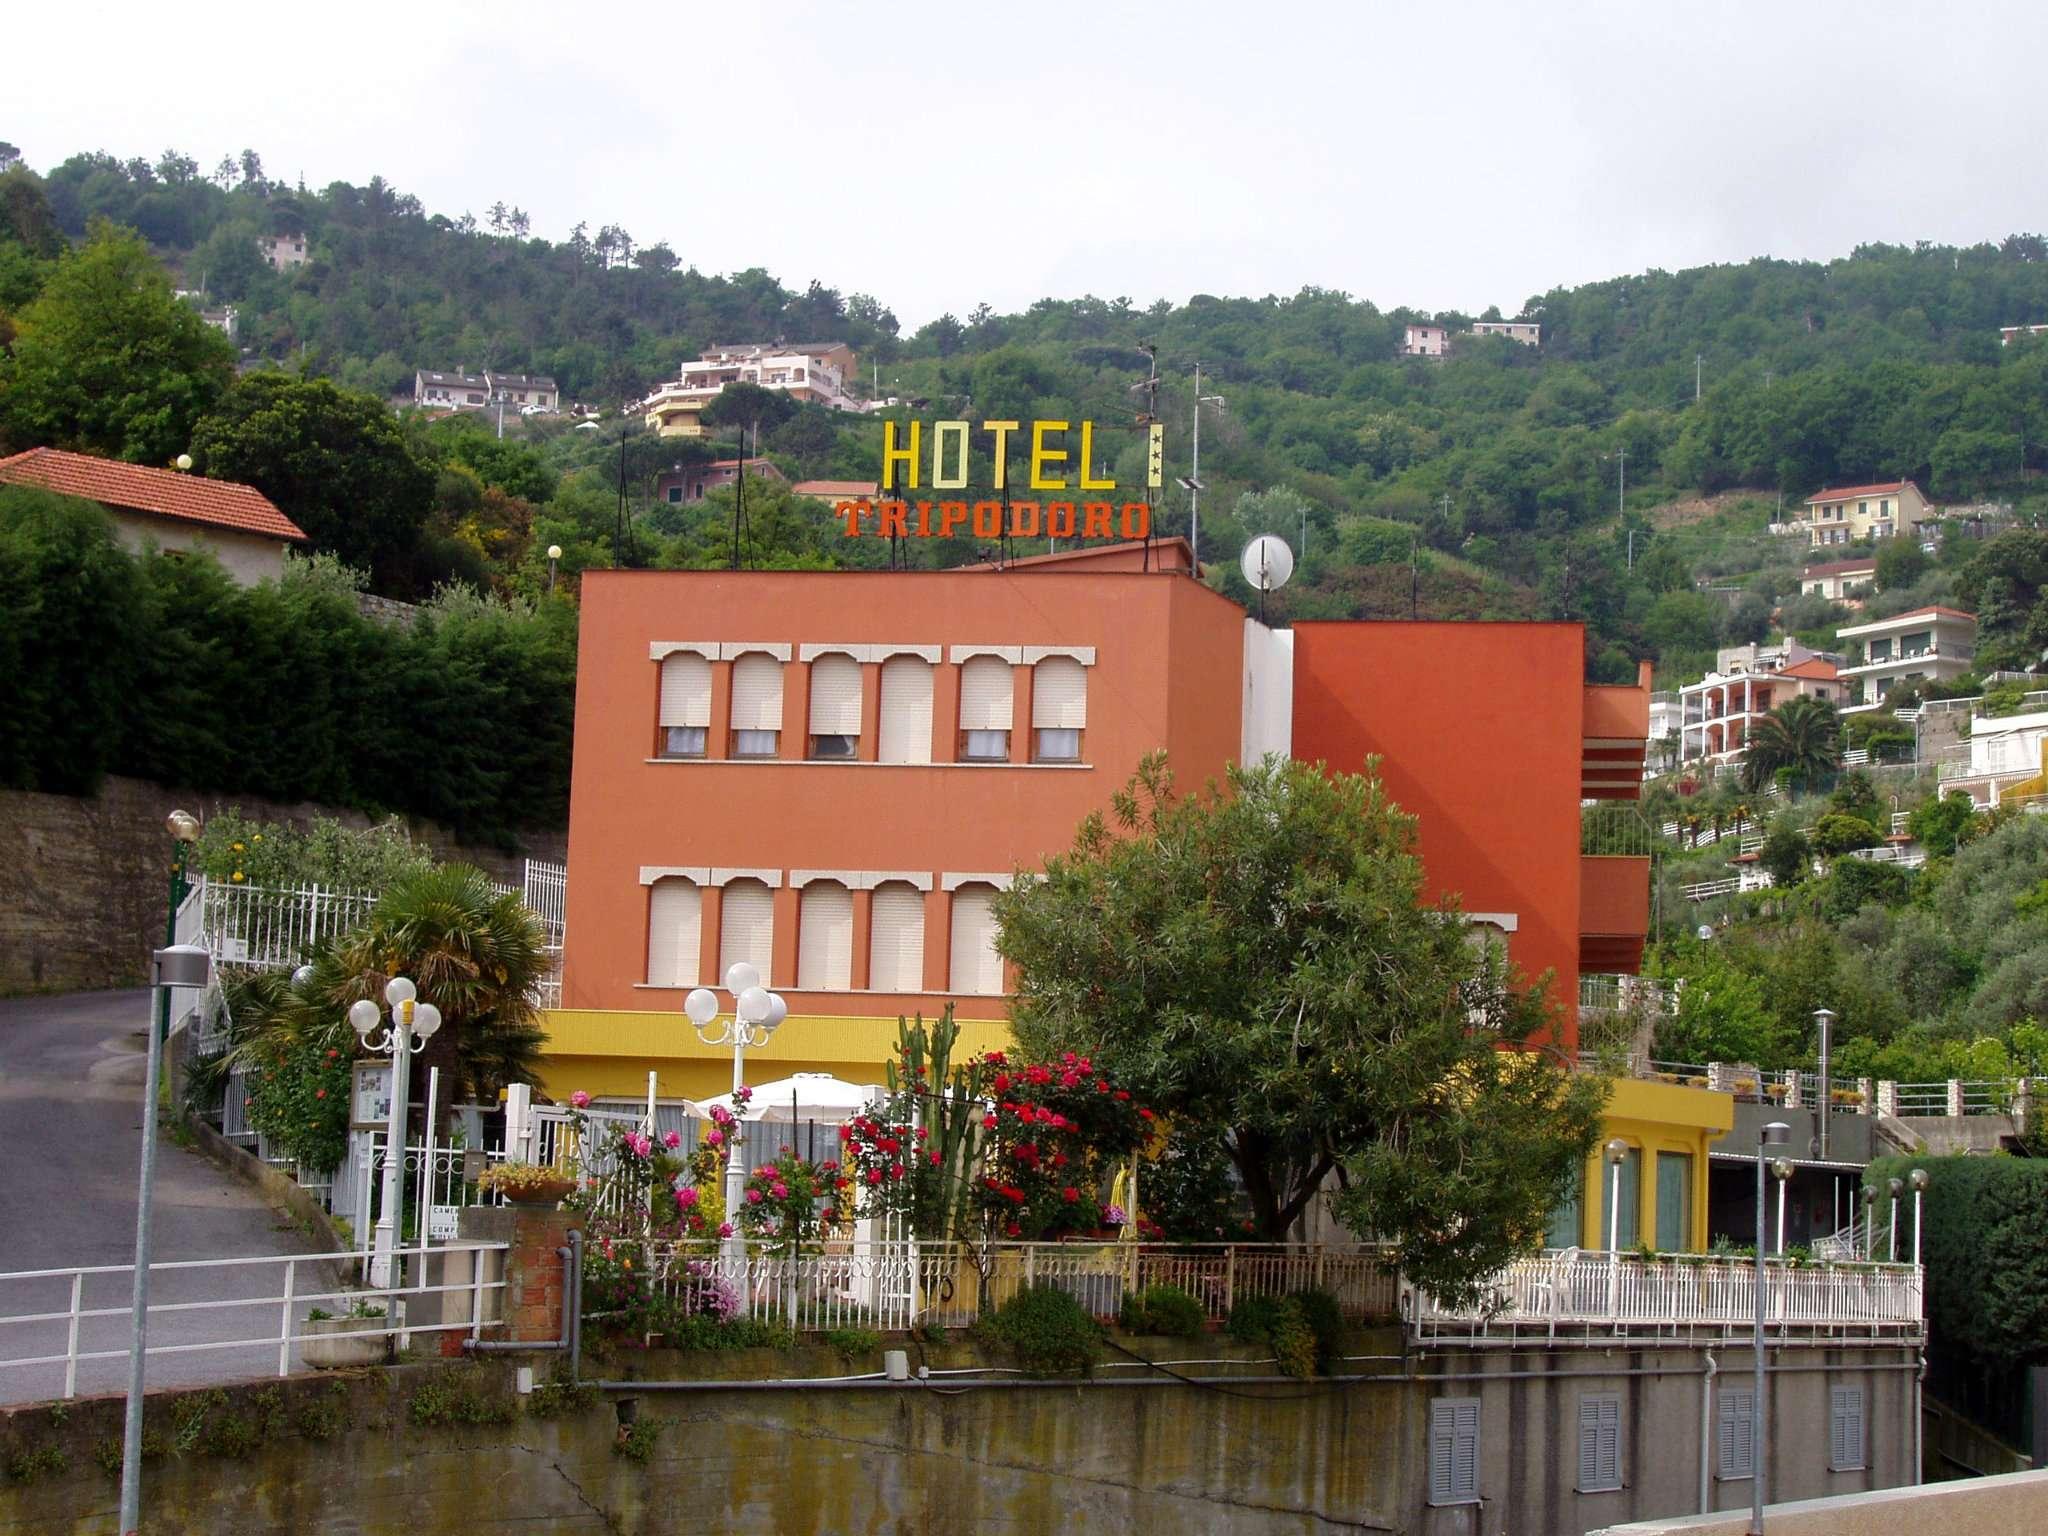 Albergo in vendita a Noli, 40 locali, Trattative riservate | PortaleAgenzieImmobiliari.it